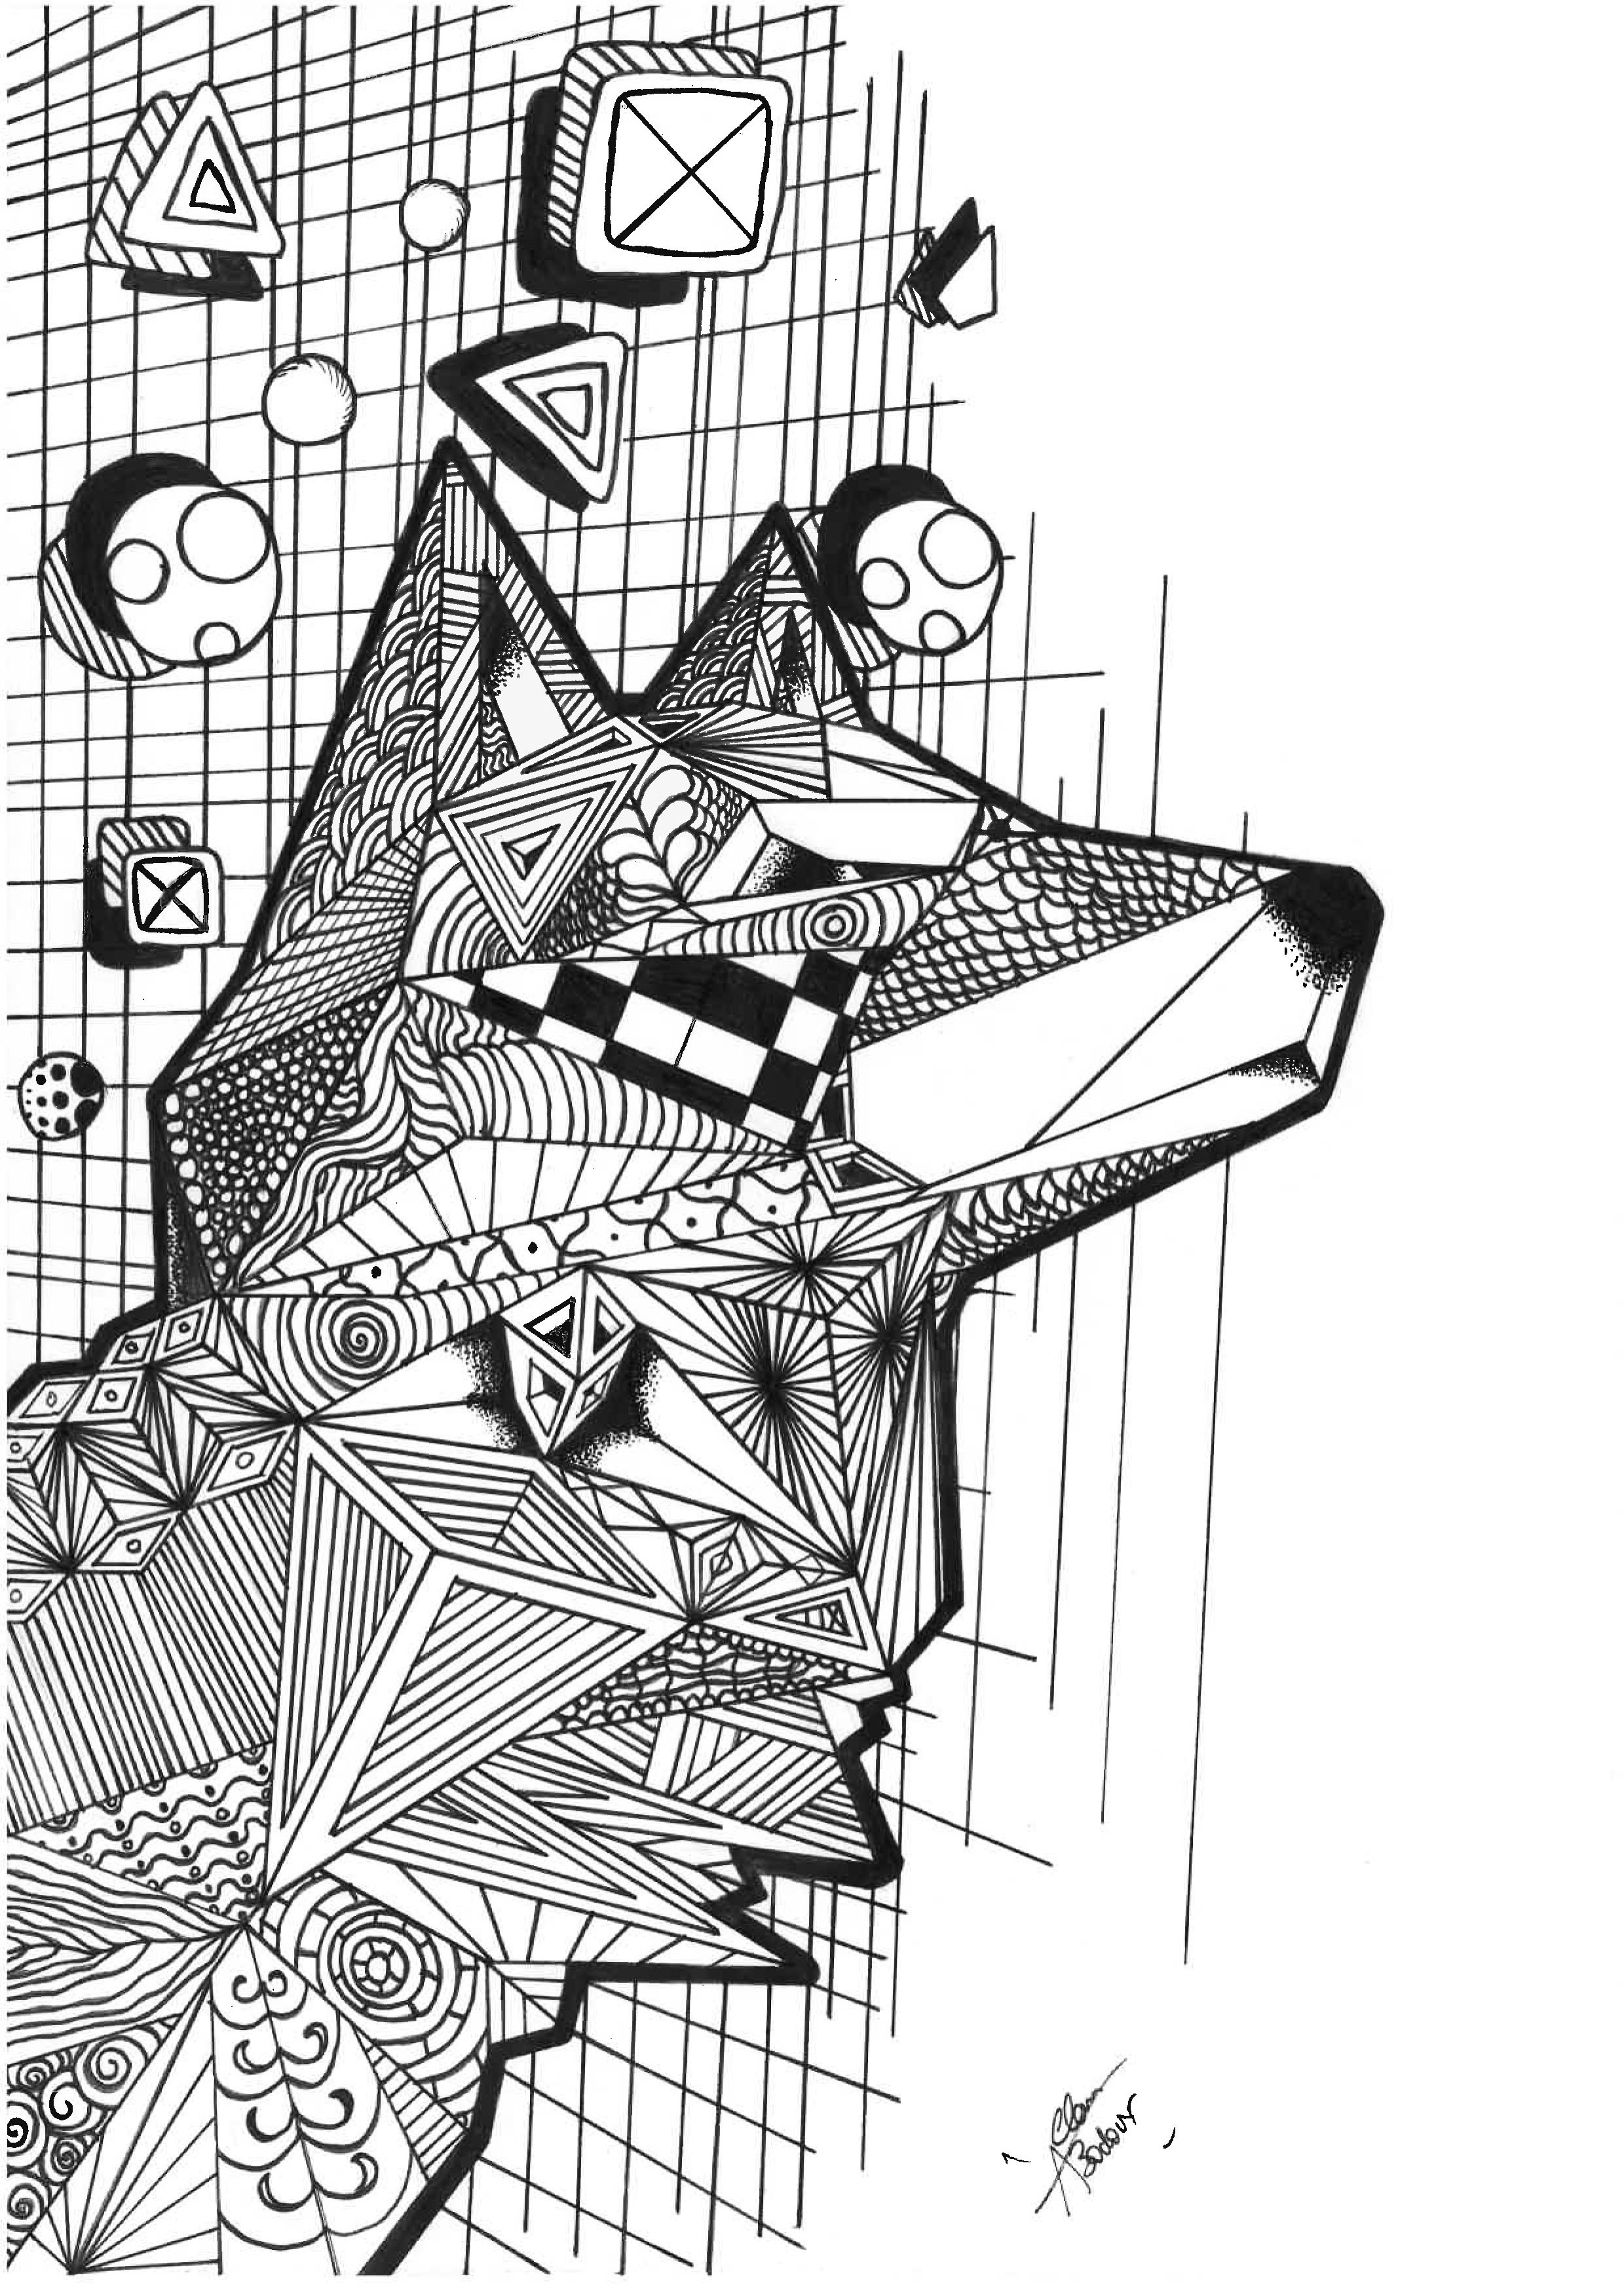 Loup avec motifs geometriques loups coloriages difficiles pour adultes - Coloriage geometrique ...